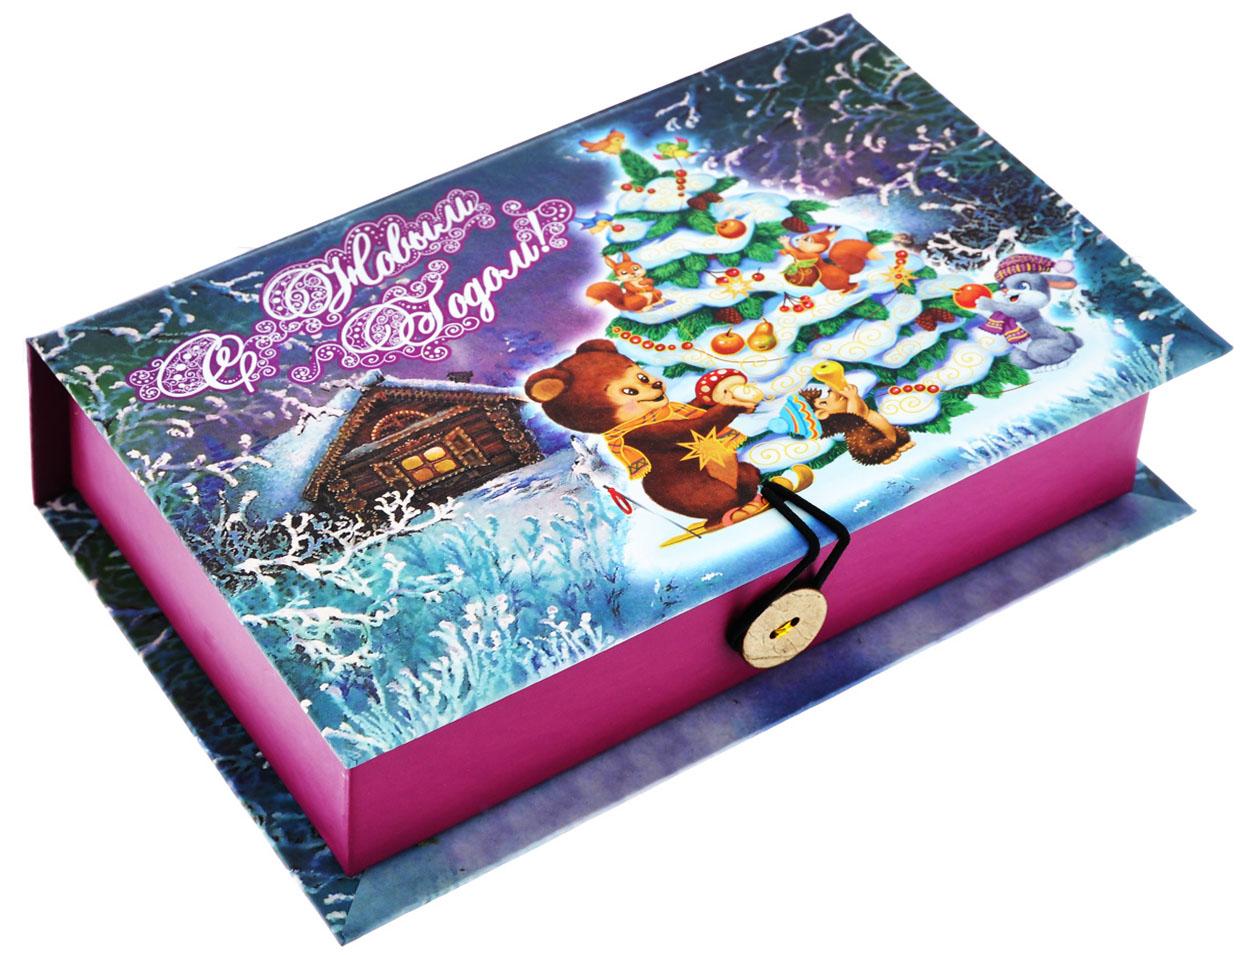 Подарочная коробка Феникс-Презент Нарядная елочка, 18 х 12 х 5 см39257Подарочная коробка Феникс-Презент Нарядная елочка выполнена из плотного картона. Крышка оформлена ярким изображением новогодней ели и лесных зверей. Коробка закрывается на пуговицу. Подарочная коробка - это наилучшее решение, если вы хотите порадовать ваших близких и создать праздничное настроение, ведь подарок, преподнесенный в оригинальной упаковке, всегда будет самым эффектным и запоминающимся. Окружите близких людей вниманием и заботой, вручив презент в нарядном, праздничном оформлении.